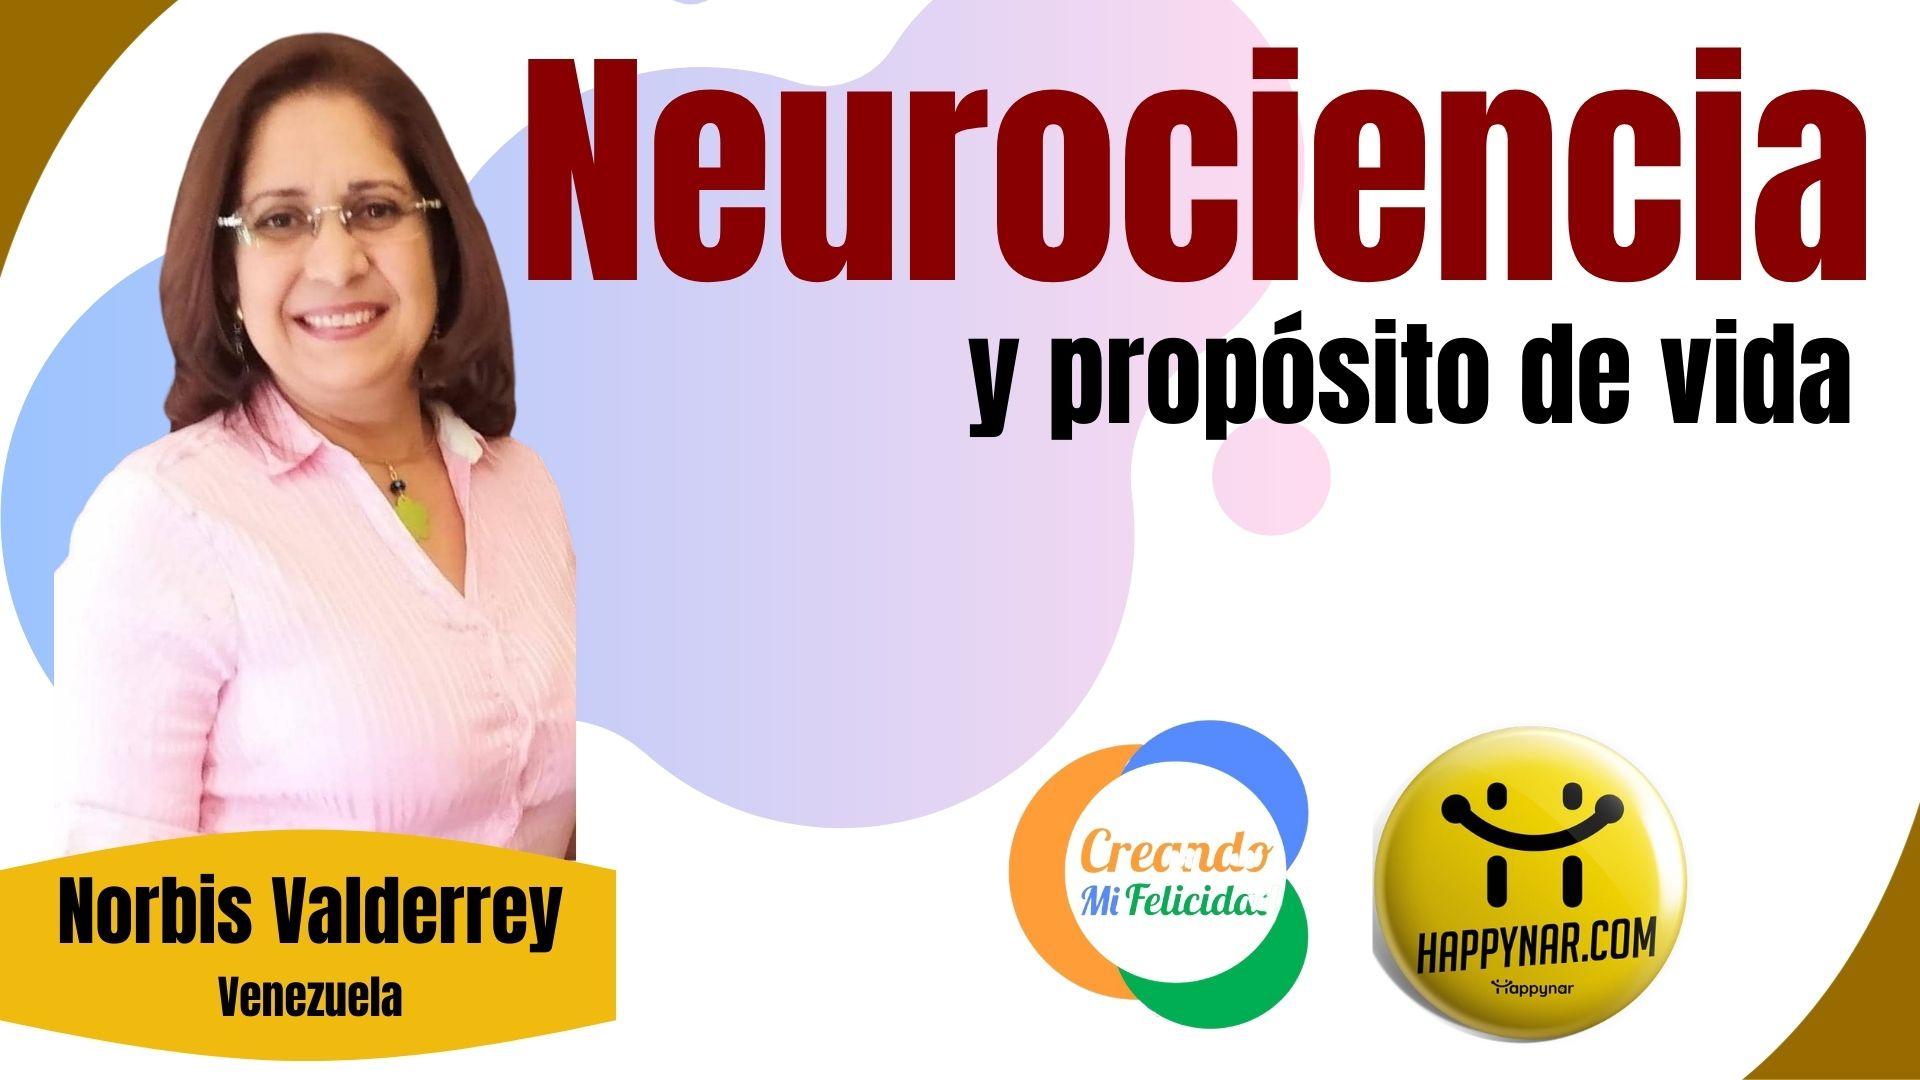 Neurociencia Propósito de Vida